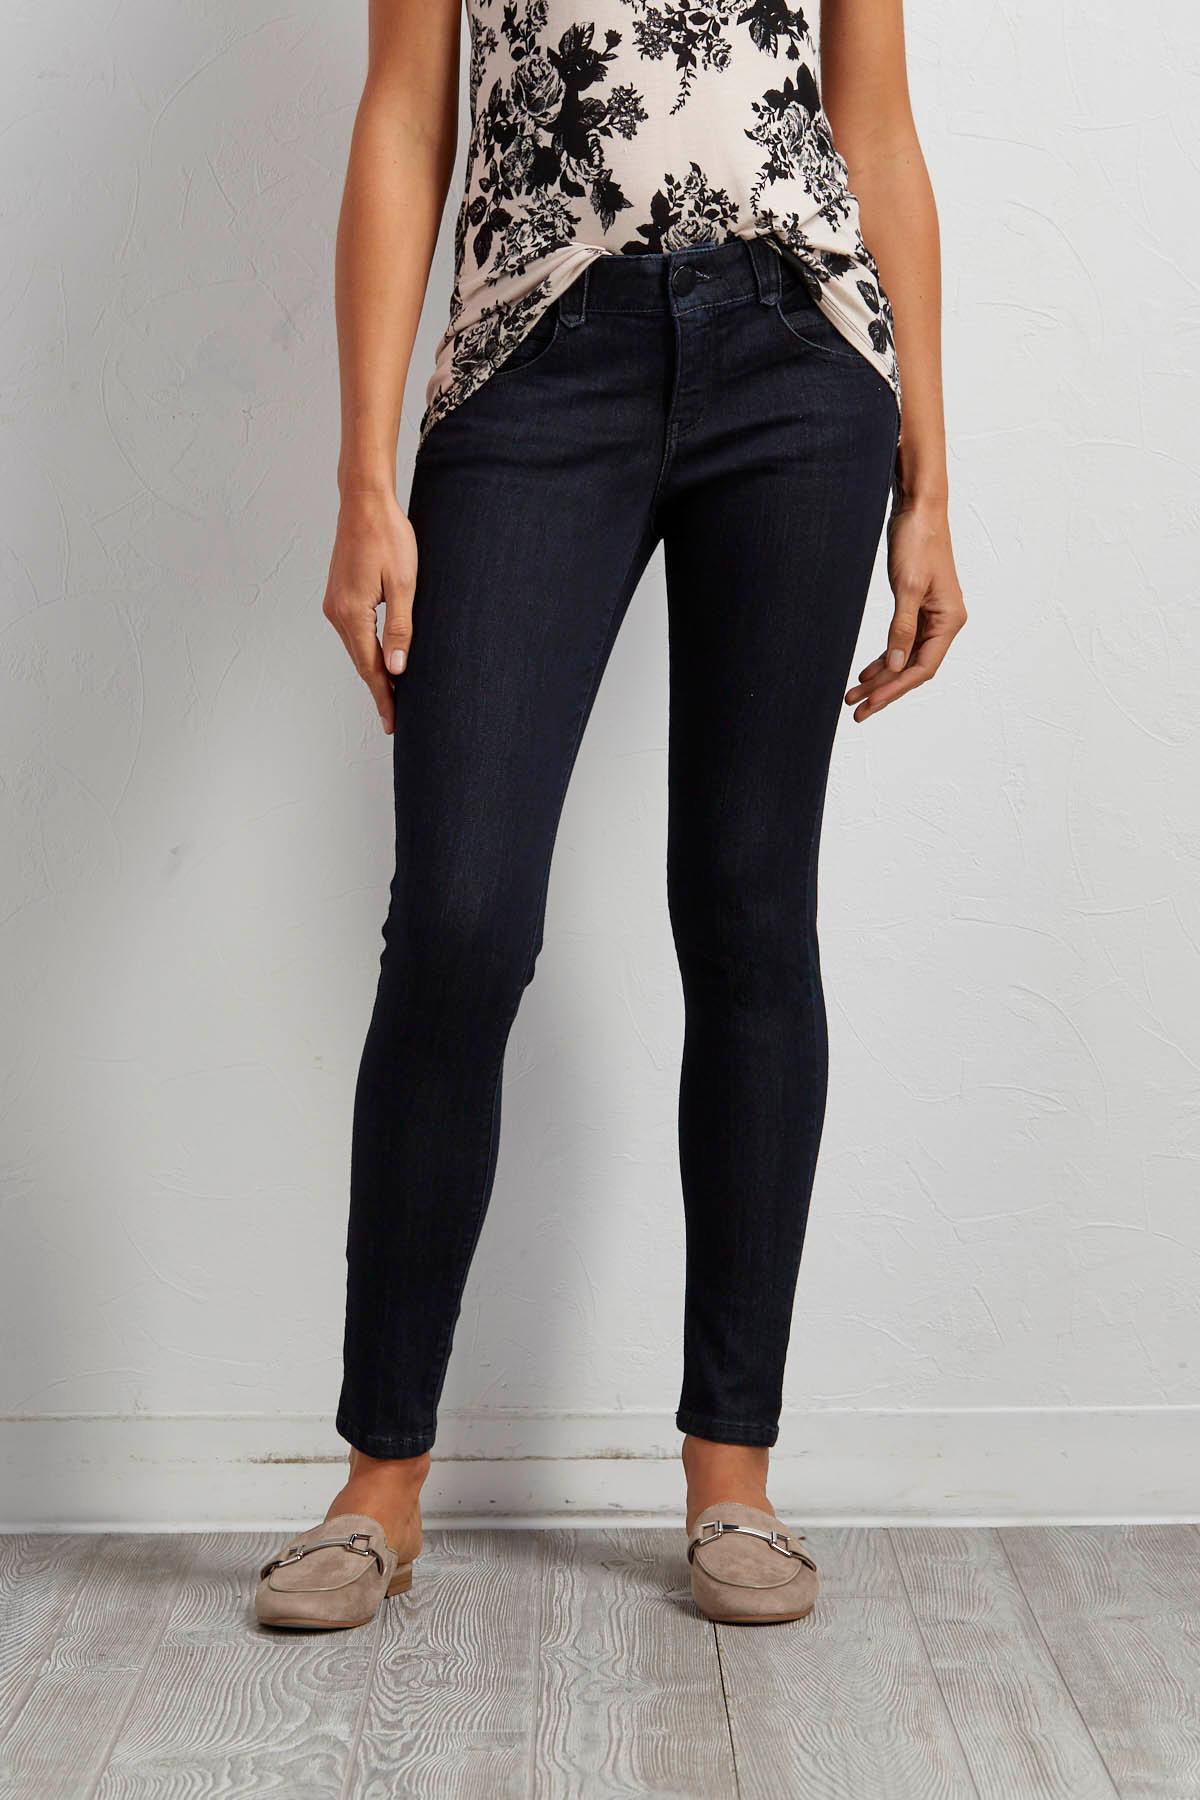 Dark Wash Stretch Skinny Jeans